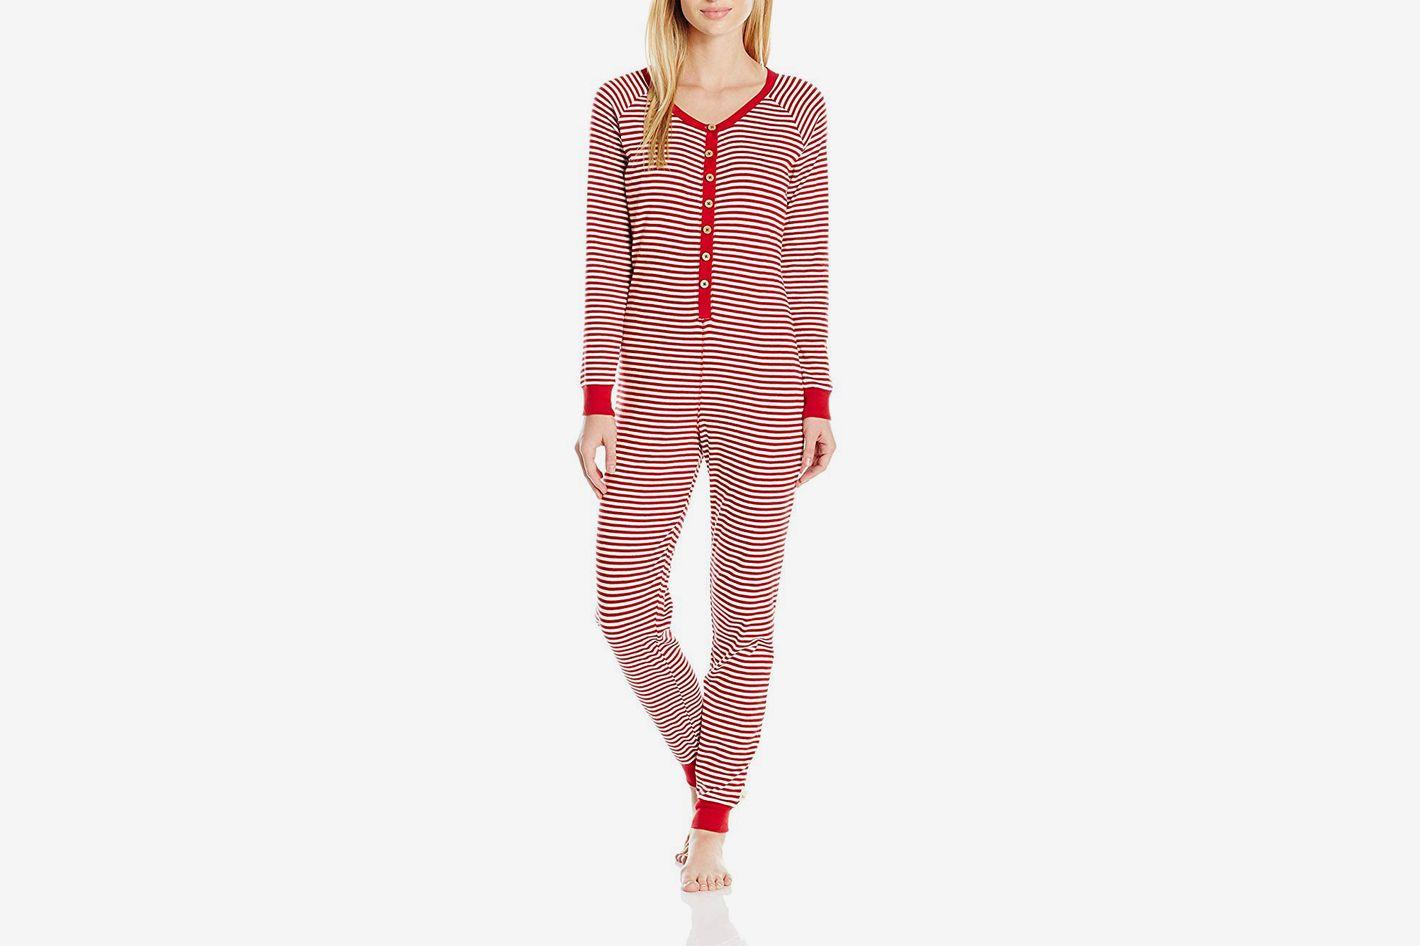 b20e93c6b1a8 Burt s Bees Baby Women s Onesie Pajamas